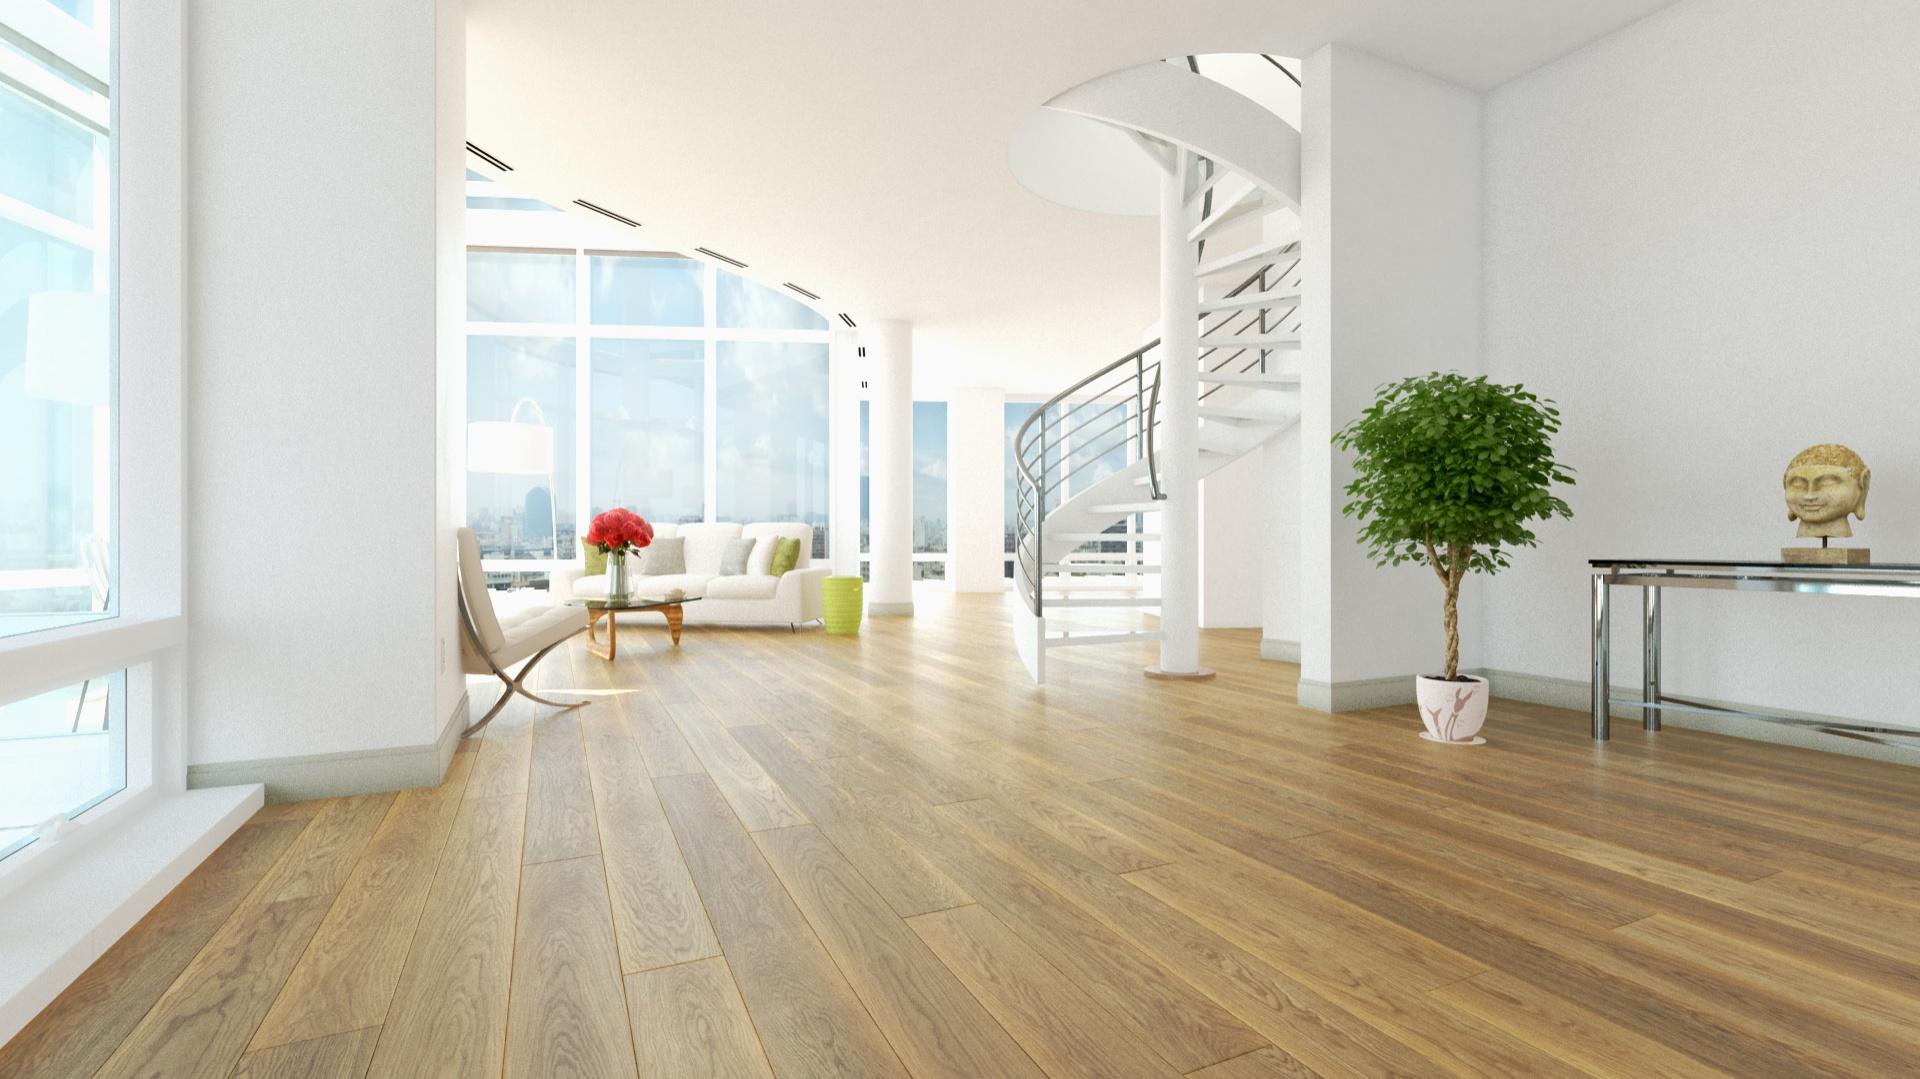 Ponad dwumetrowa, gotowa deska wykonana z najwyższej jakości drewna dębowego. Fot. Jawor-Parkiet